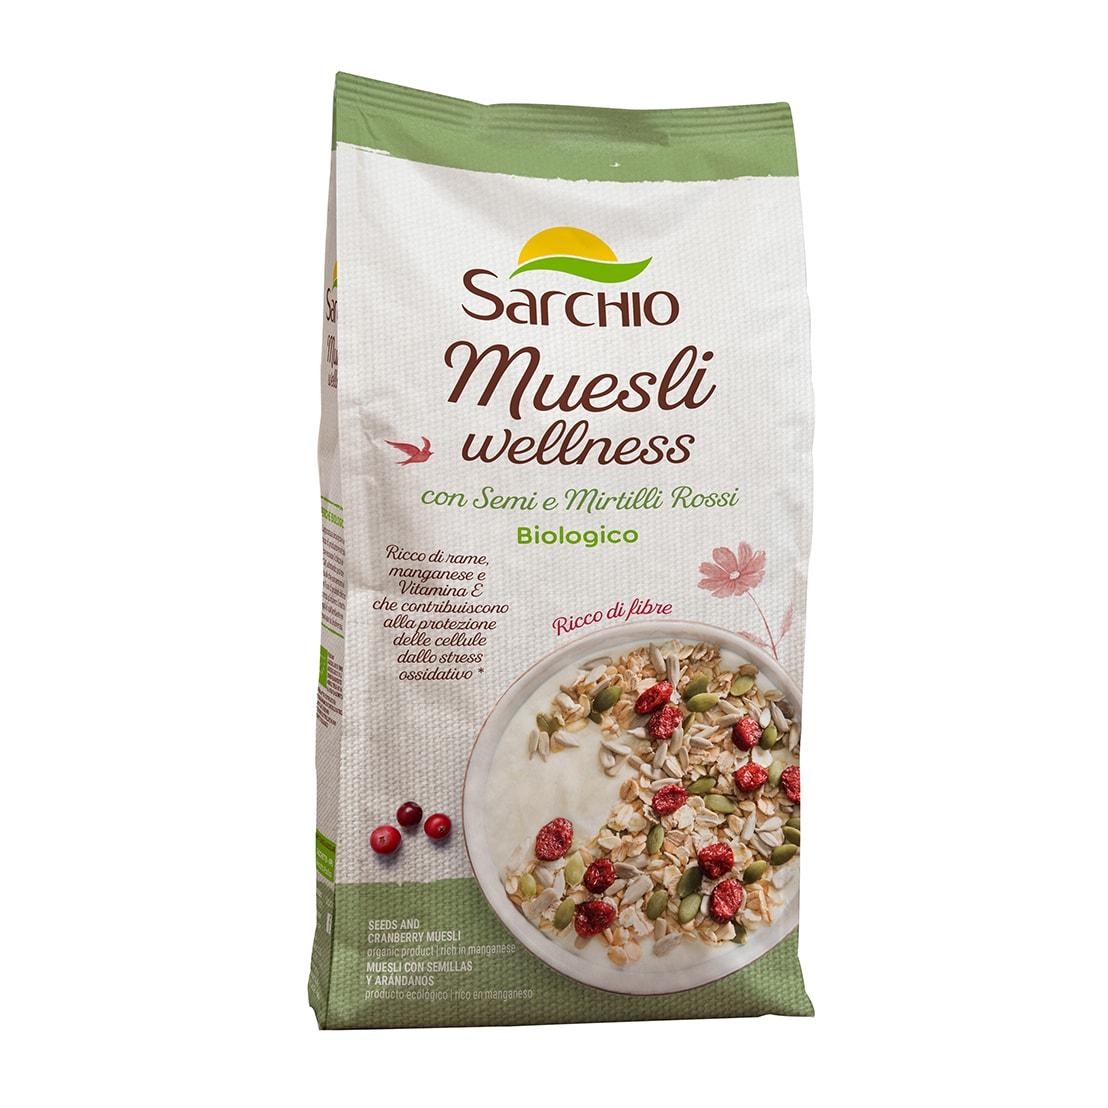 Muesli wellness